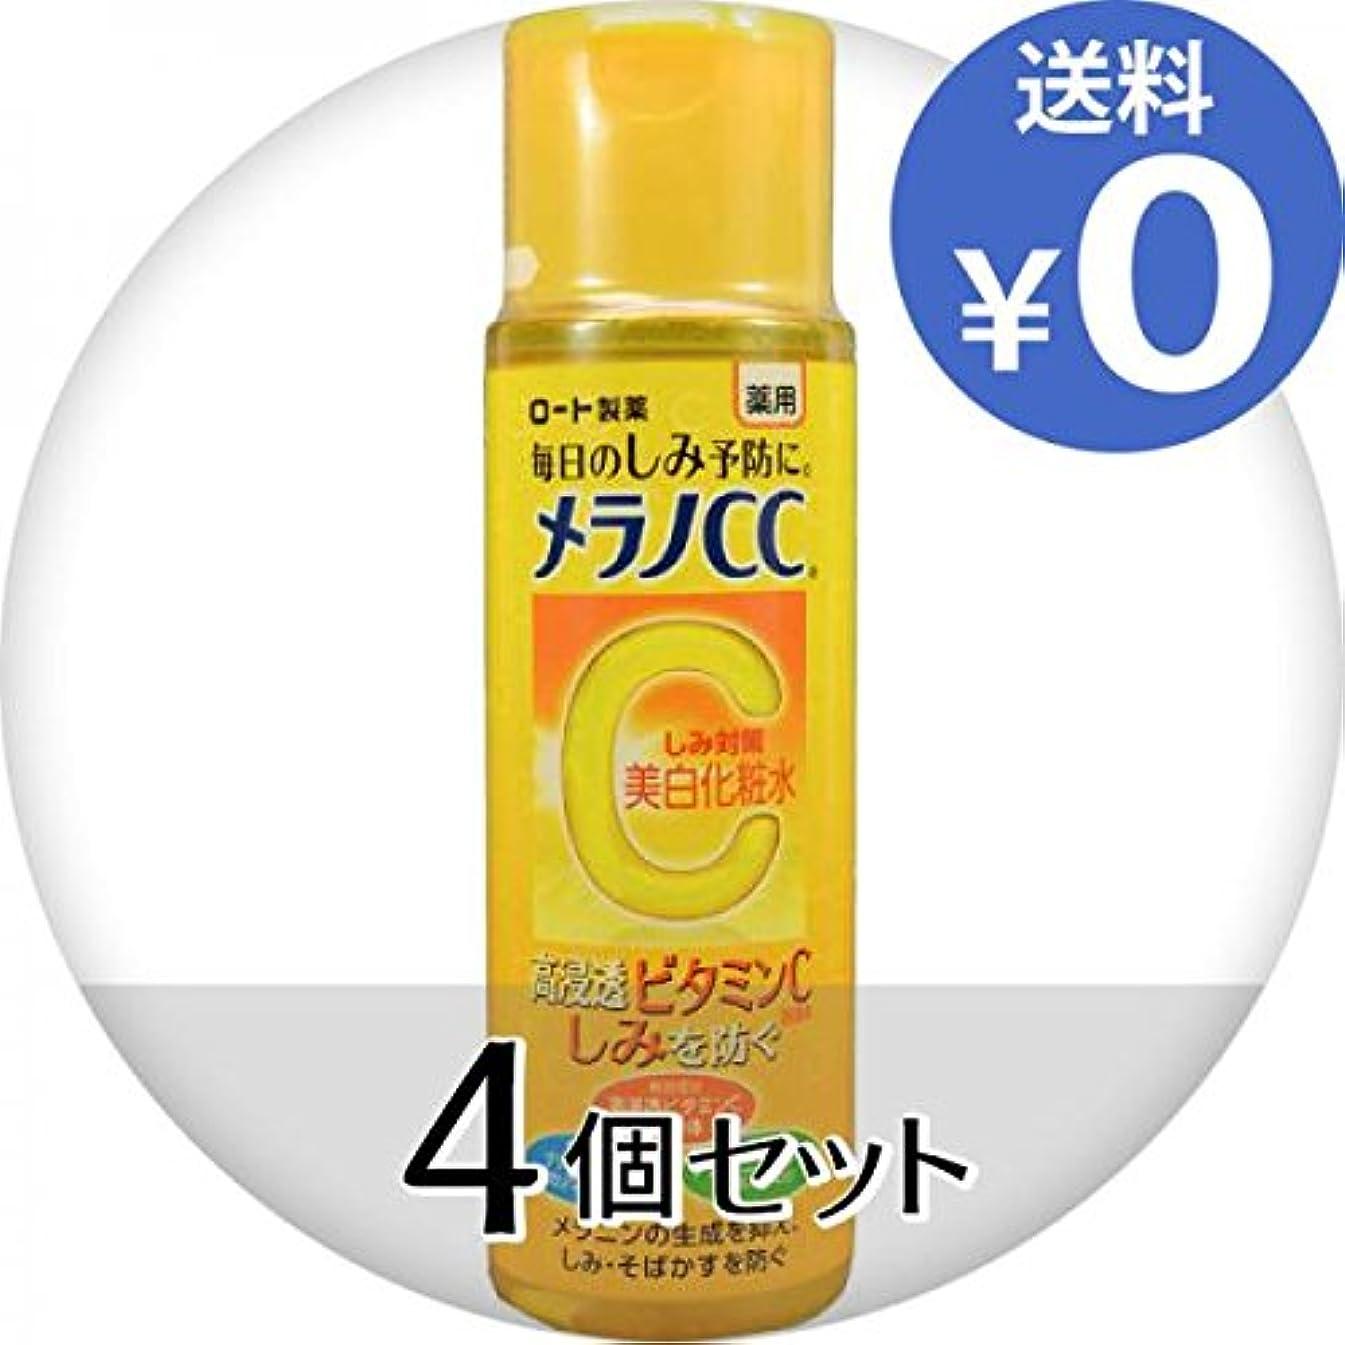 酸化物黒つかの間【セット品】メラノCC 薬用しみ対策 美白化粧水 170mL (医薬部外品) (4個)